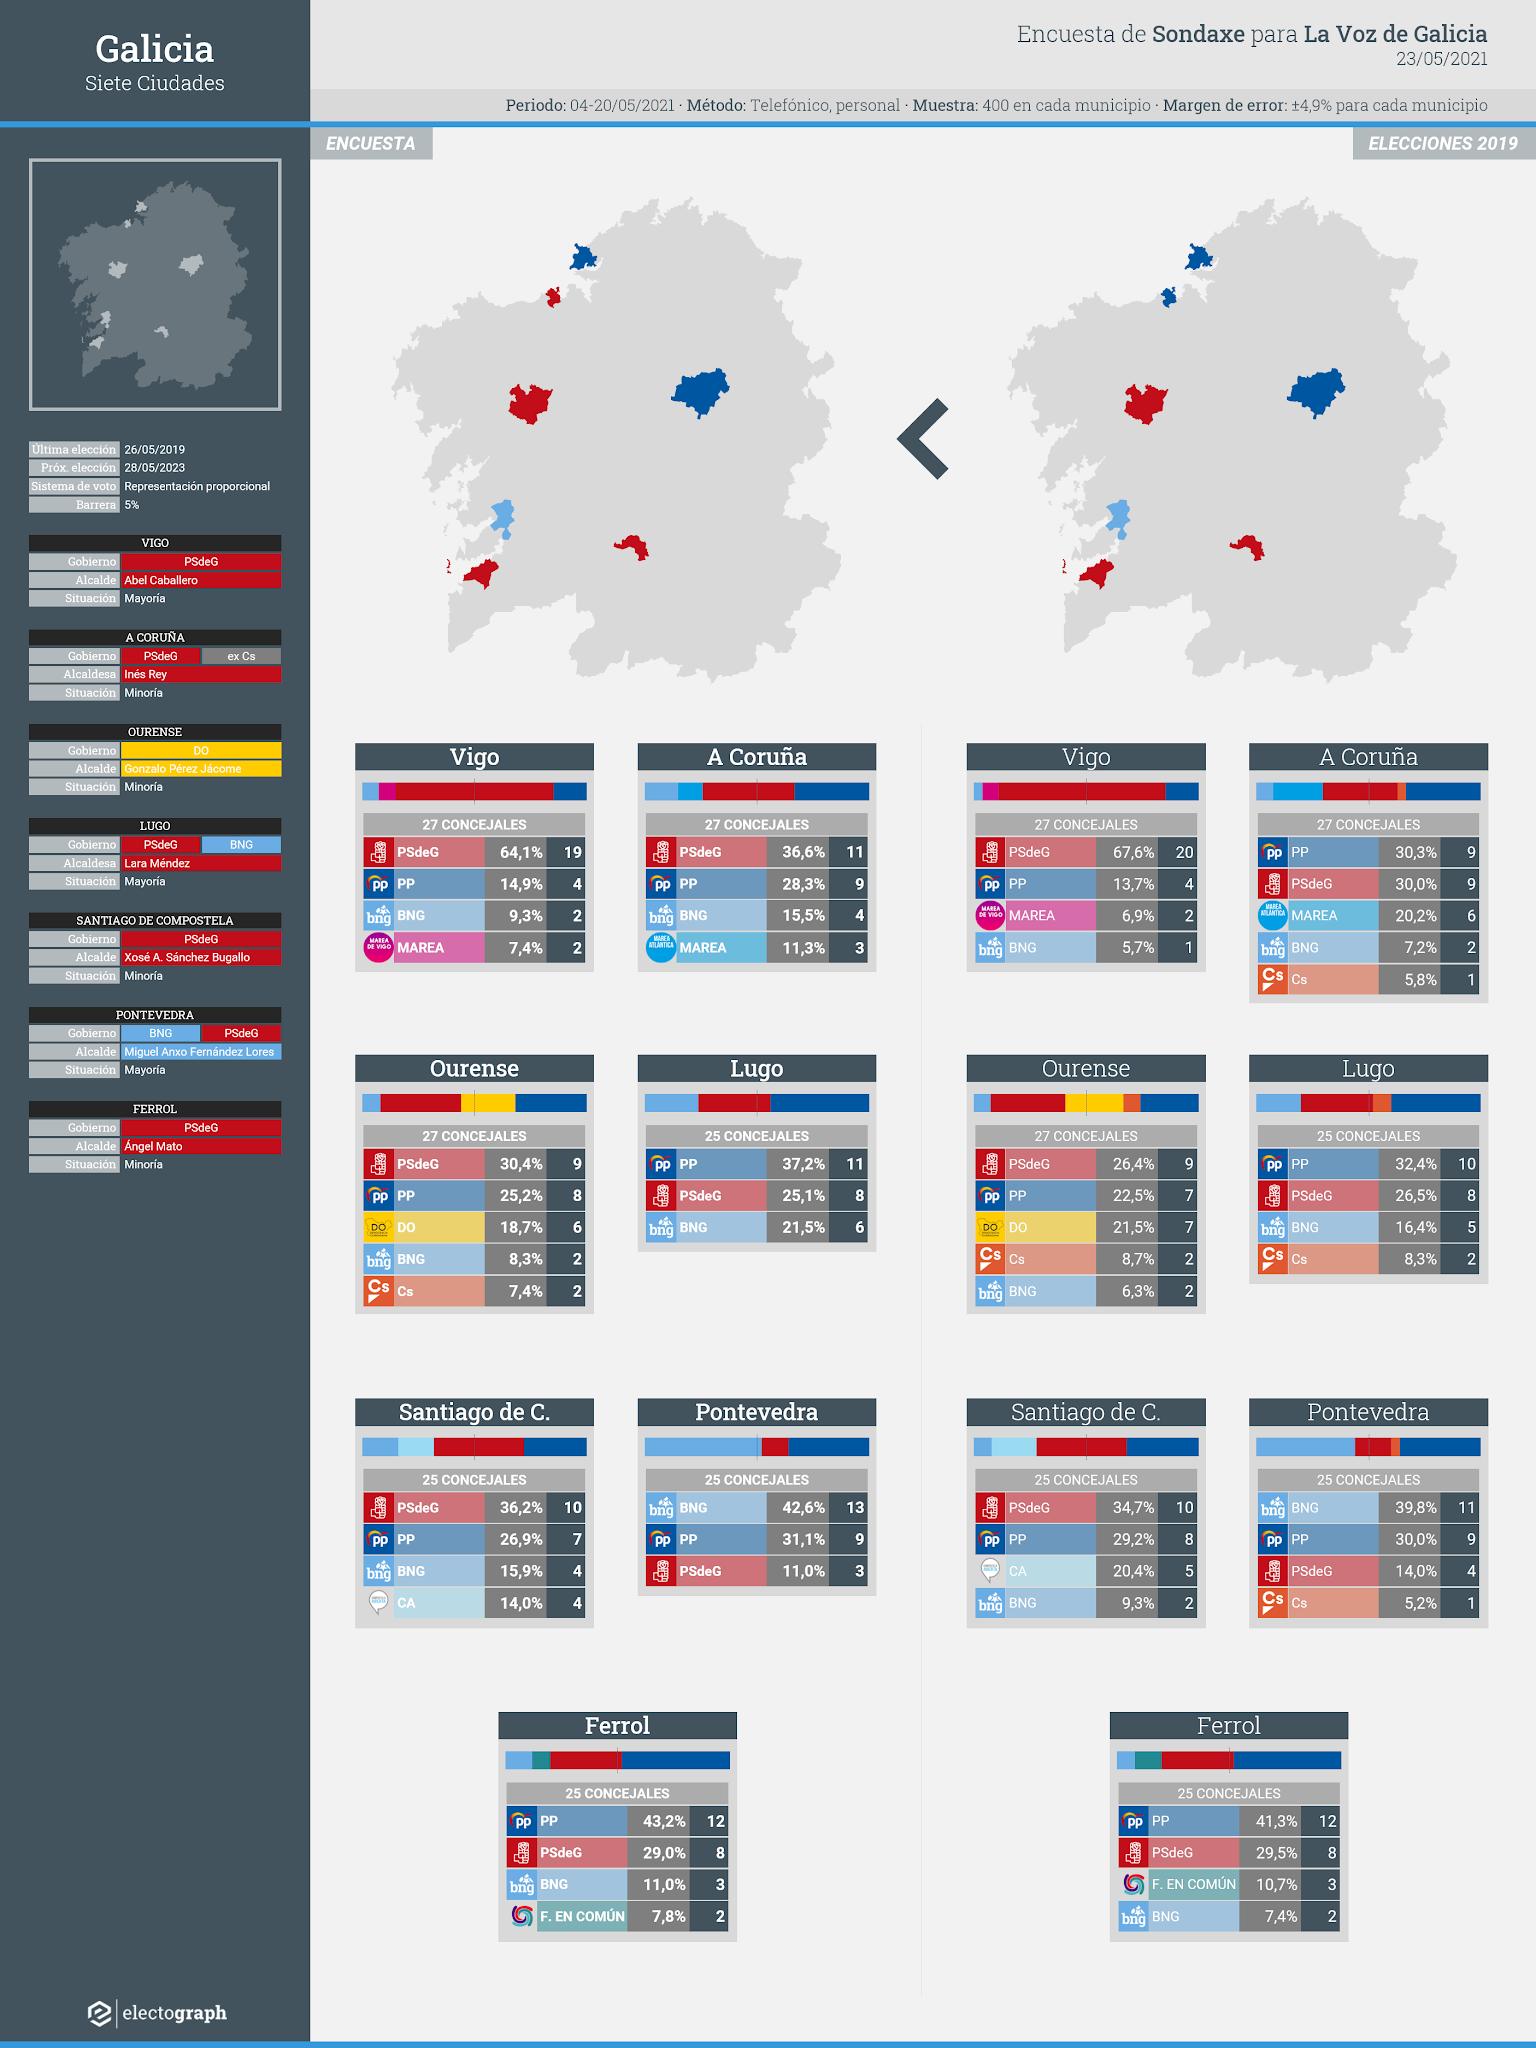 Gráfico de la encuesta para elecciones municipales en las siete ciudades de Galicia realizada por Sondaxe para La Voz de Galicia, 23 de mayo de 2021